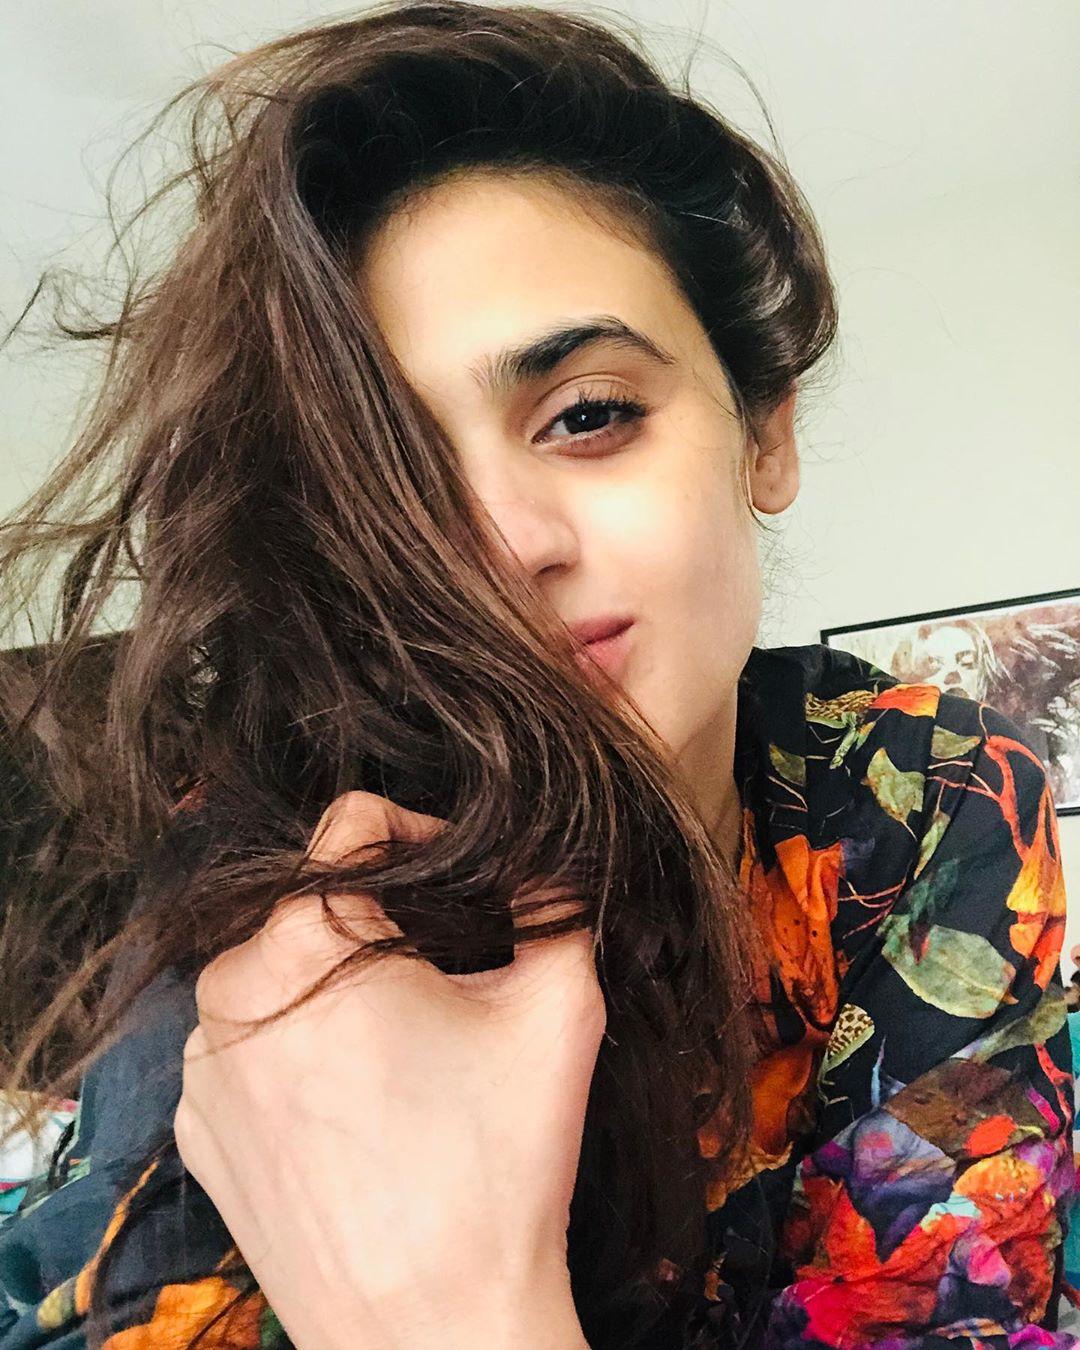 Latest Clicks of Actress Hira Mani 15